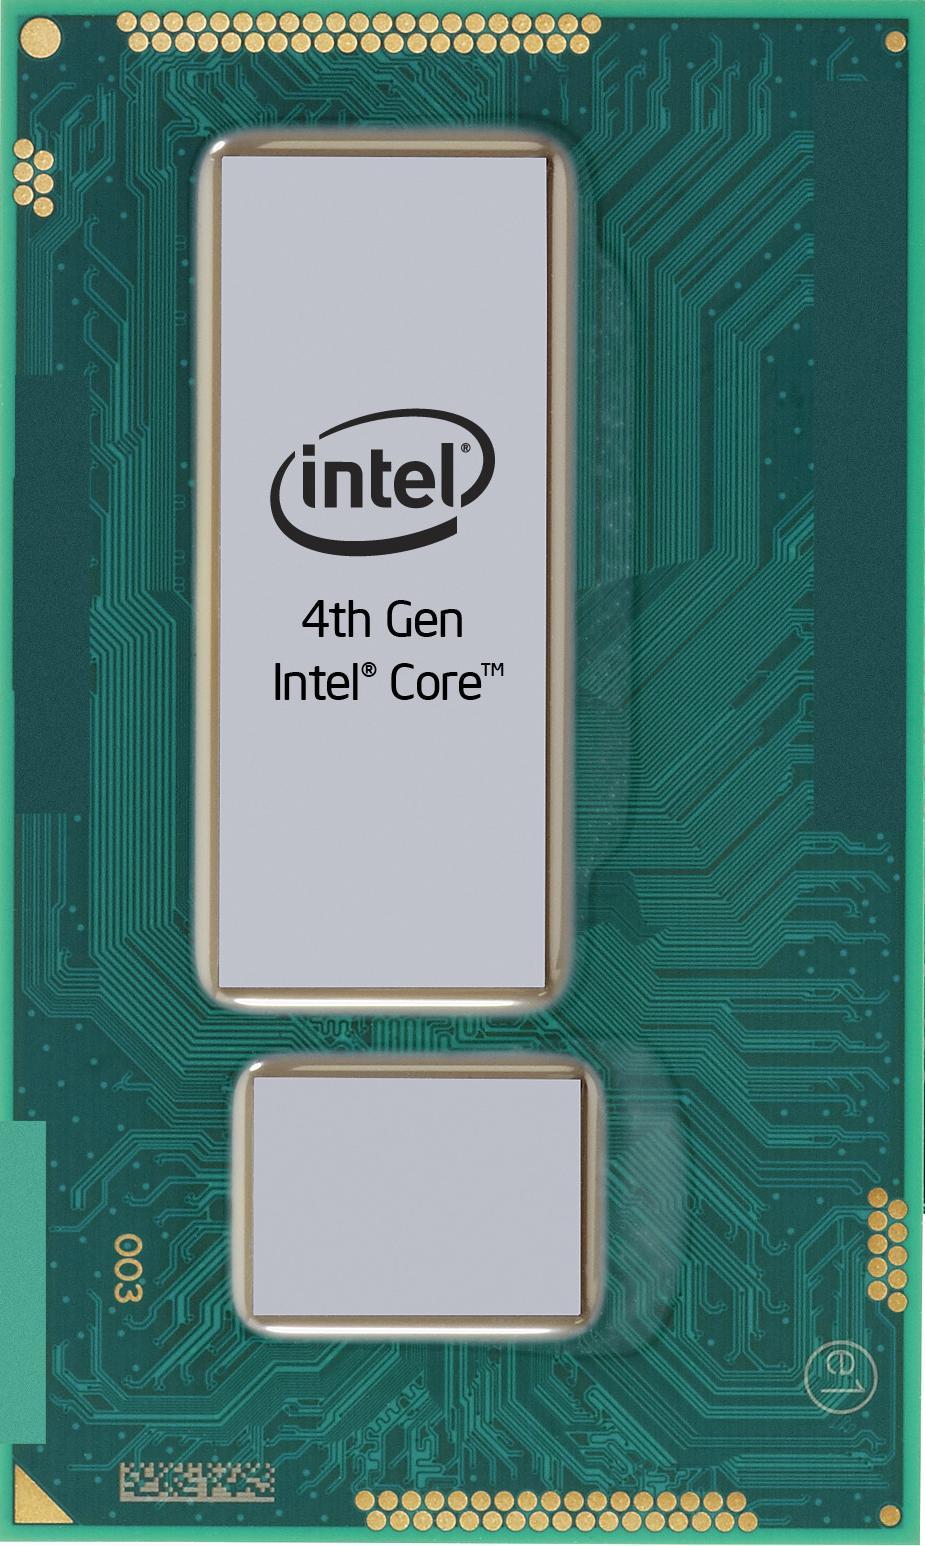 Intel Core i5-4350U